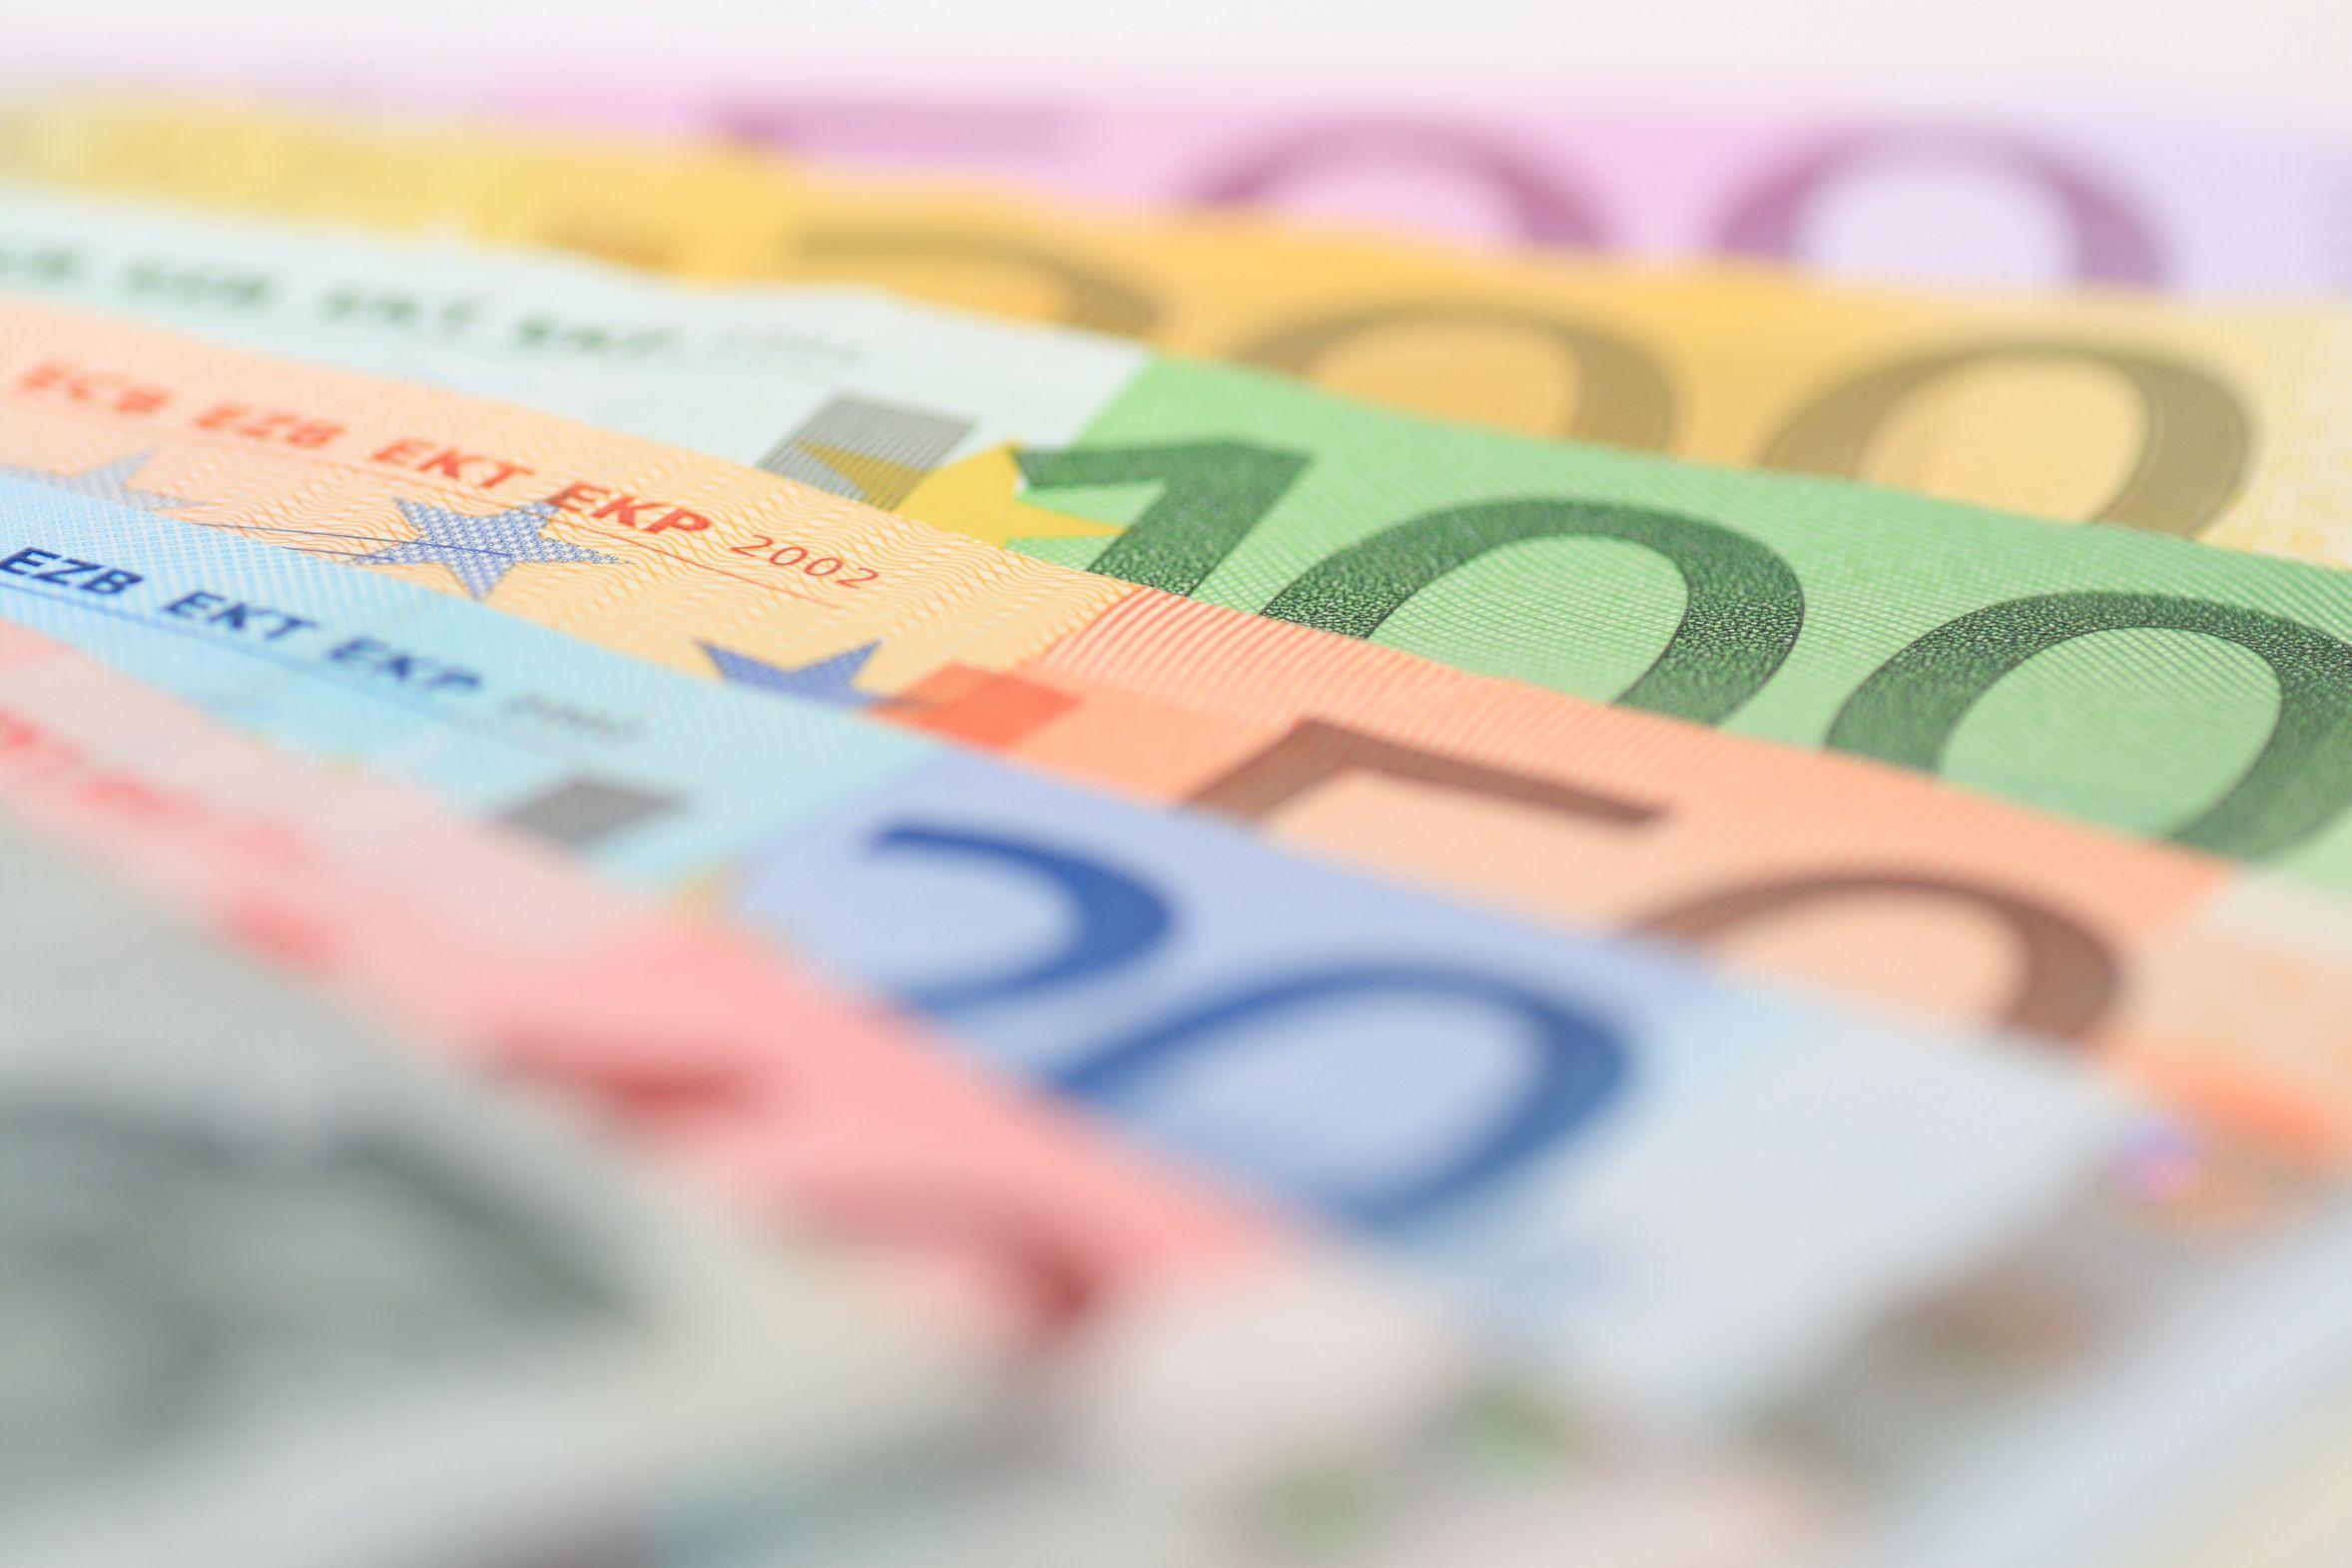 In Francia Si Puo Aprire Un Conto Corrente Online Dal Tabaccaio Costa 20 Euro L Anno E Bnp Paribas Esportera Il Modello In Italia Assinews It